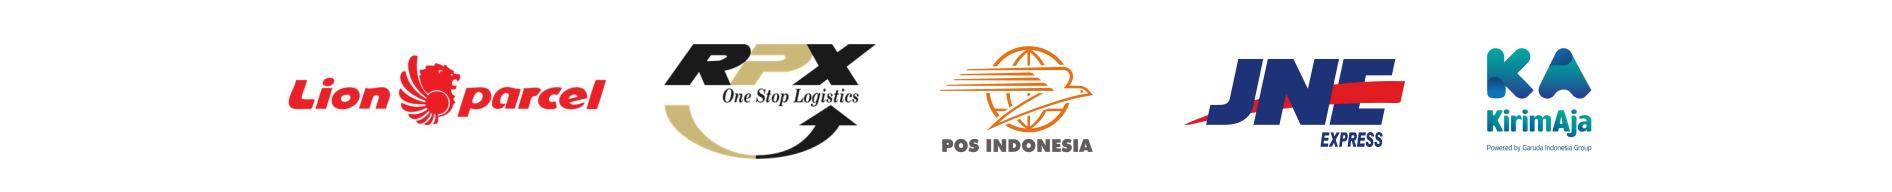 bisnismahasiswa.in logo+paket